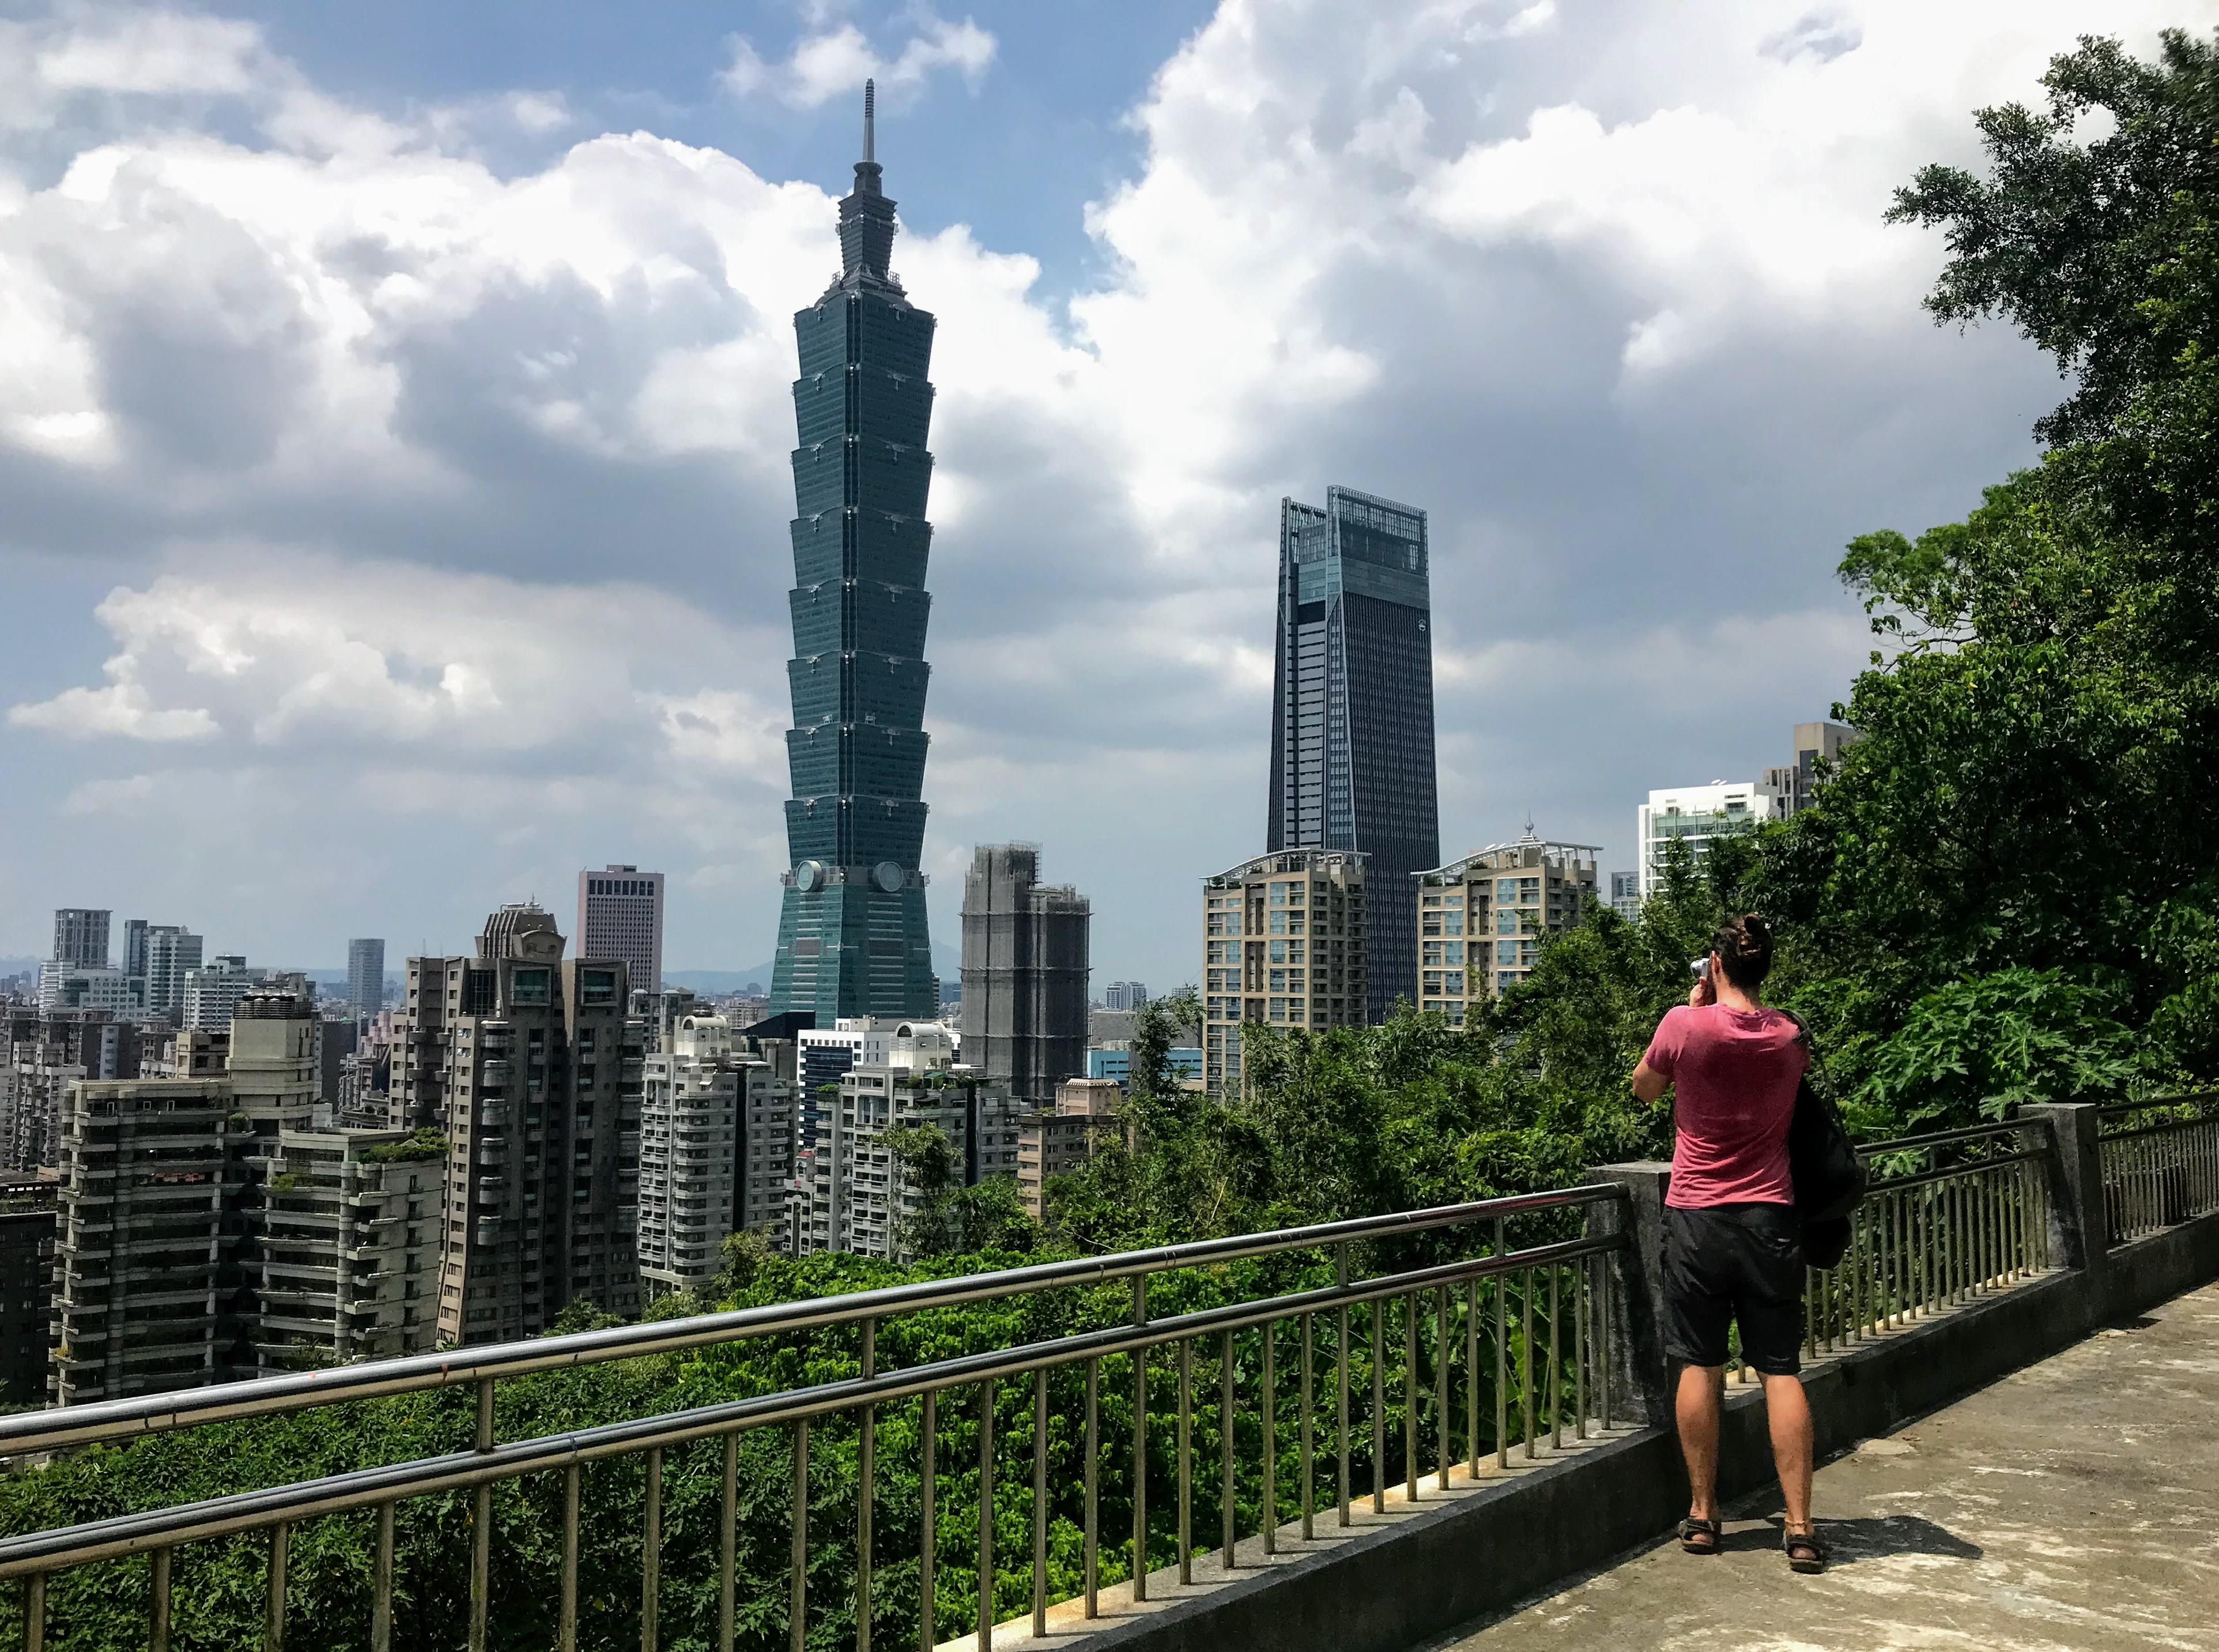 Taipei 101 from the Xiangshan Trail, Taipei, Taiwan